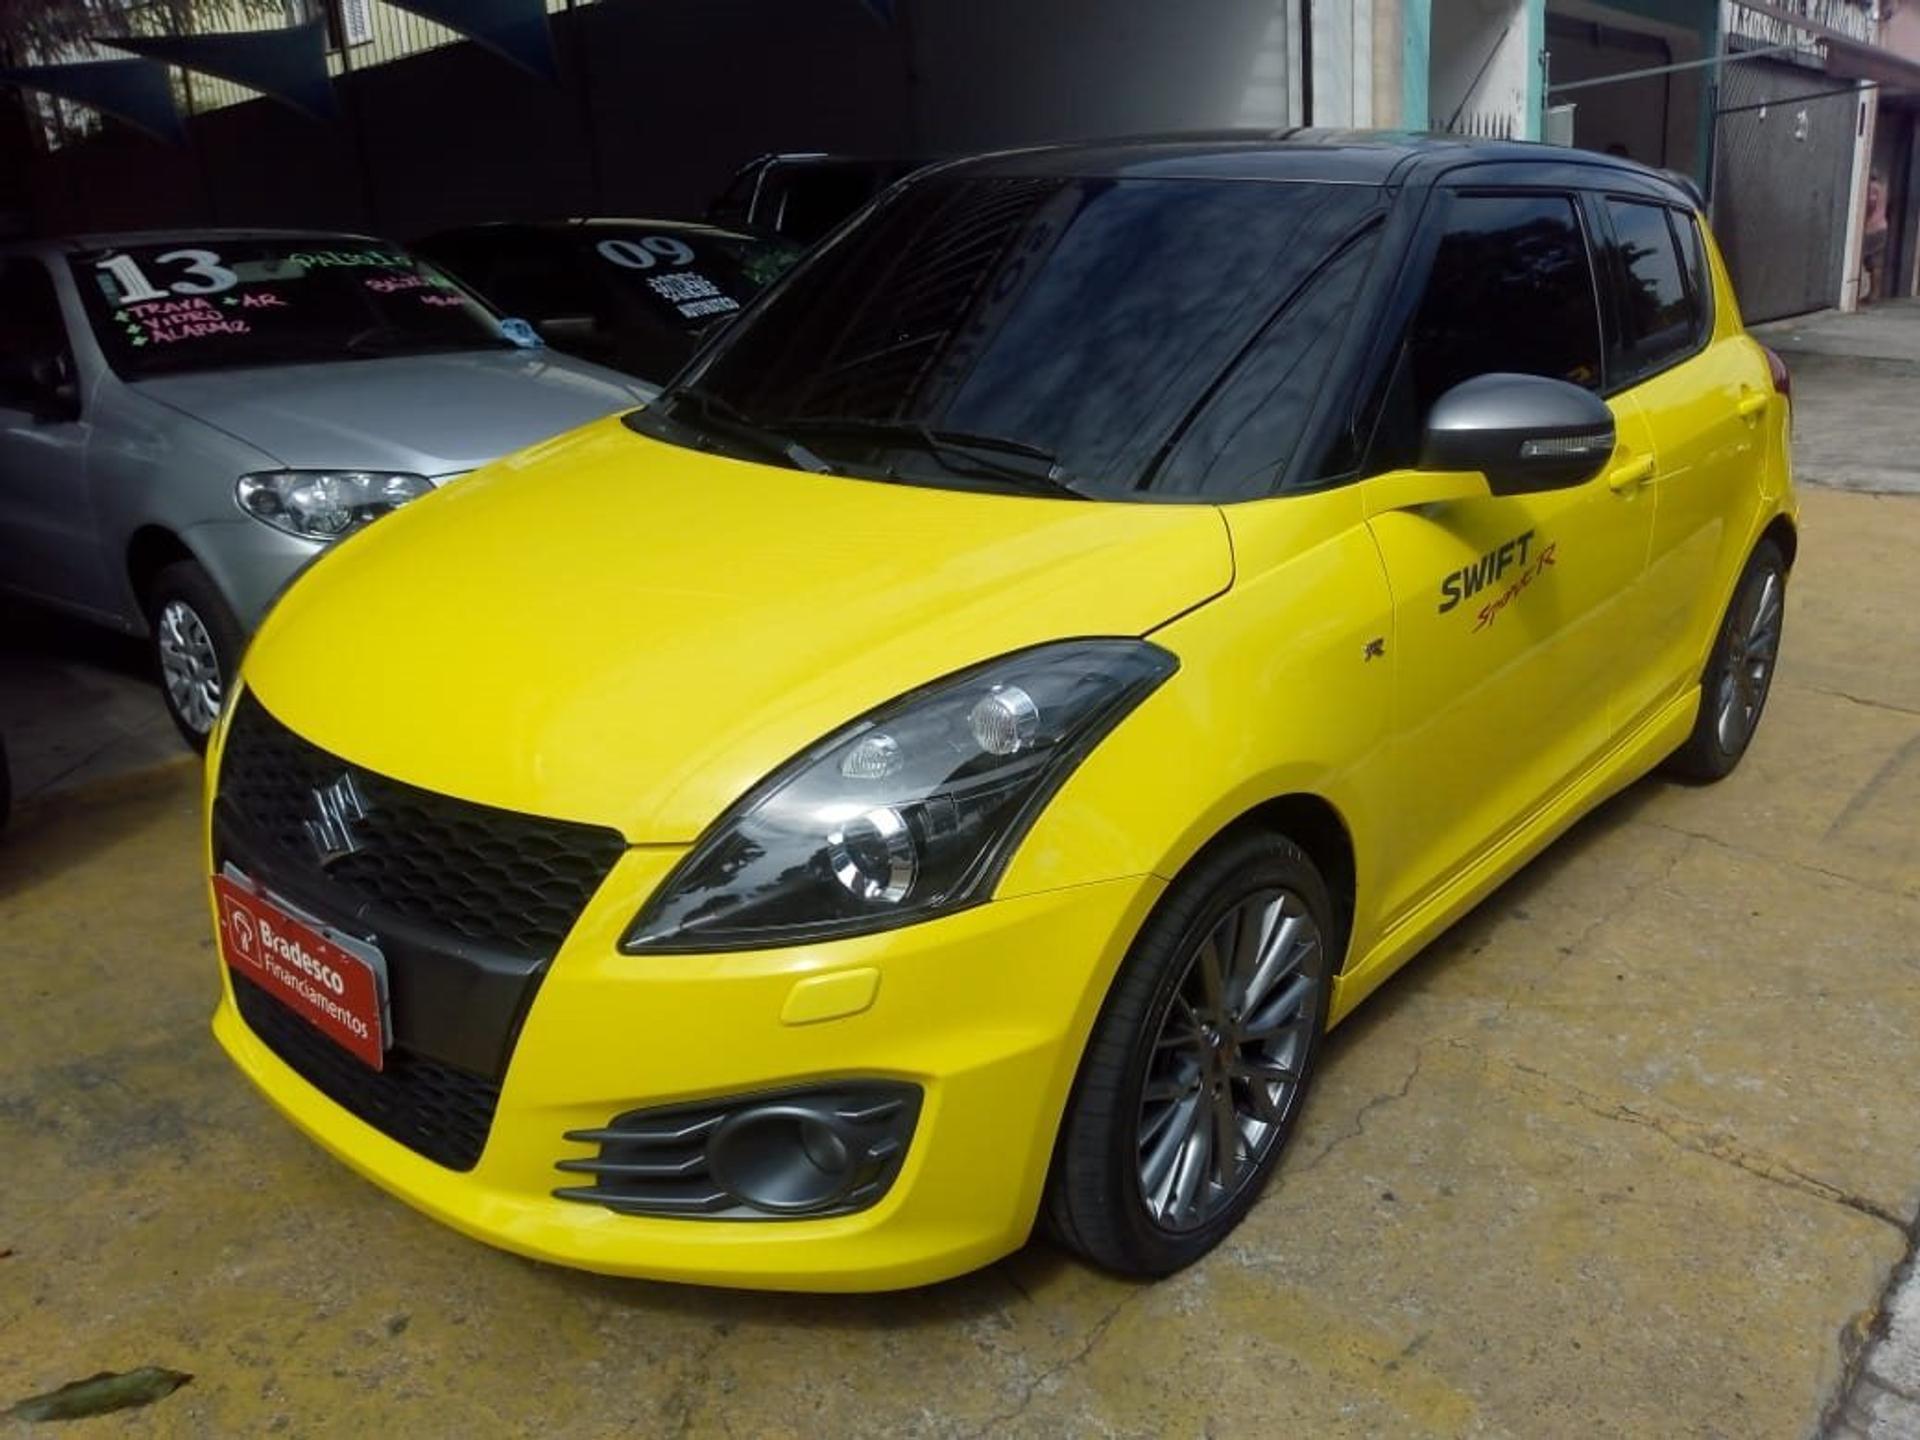 Suzuki Swift 1.6 Sport R na cor amarelo do anúncio tem faróis e rodas escurecidos